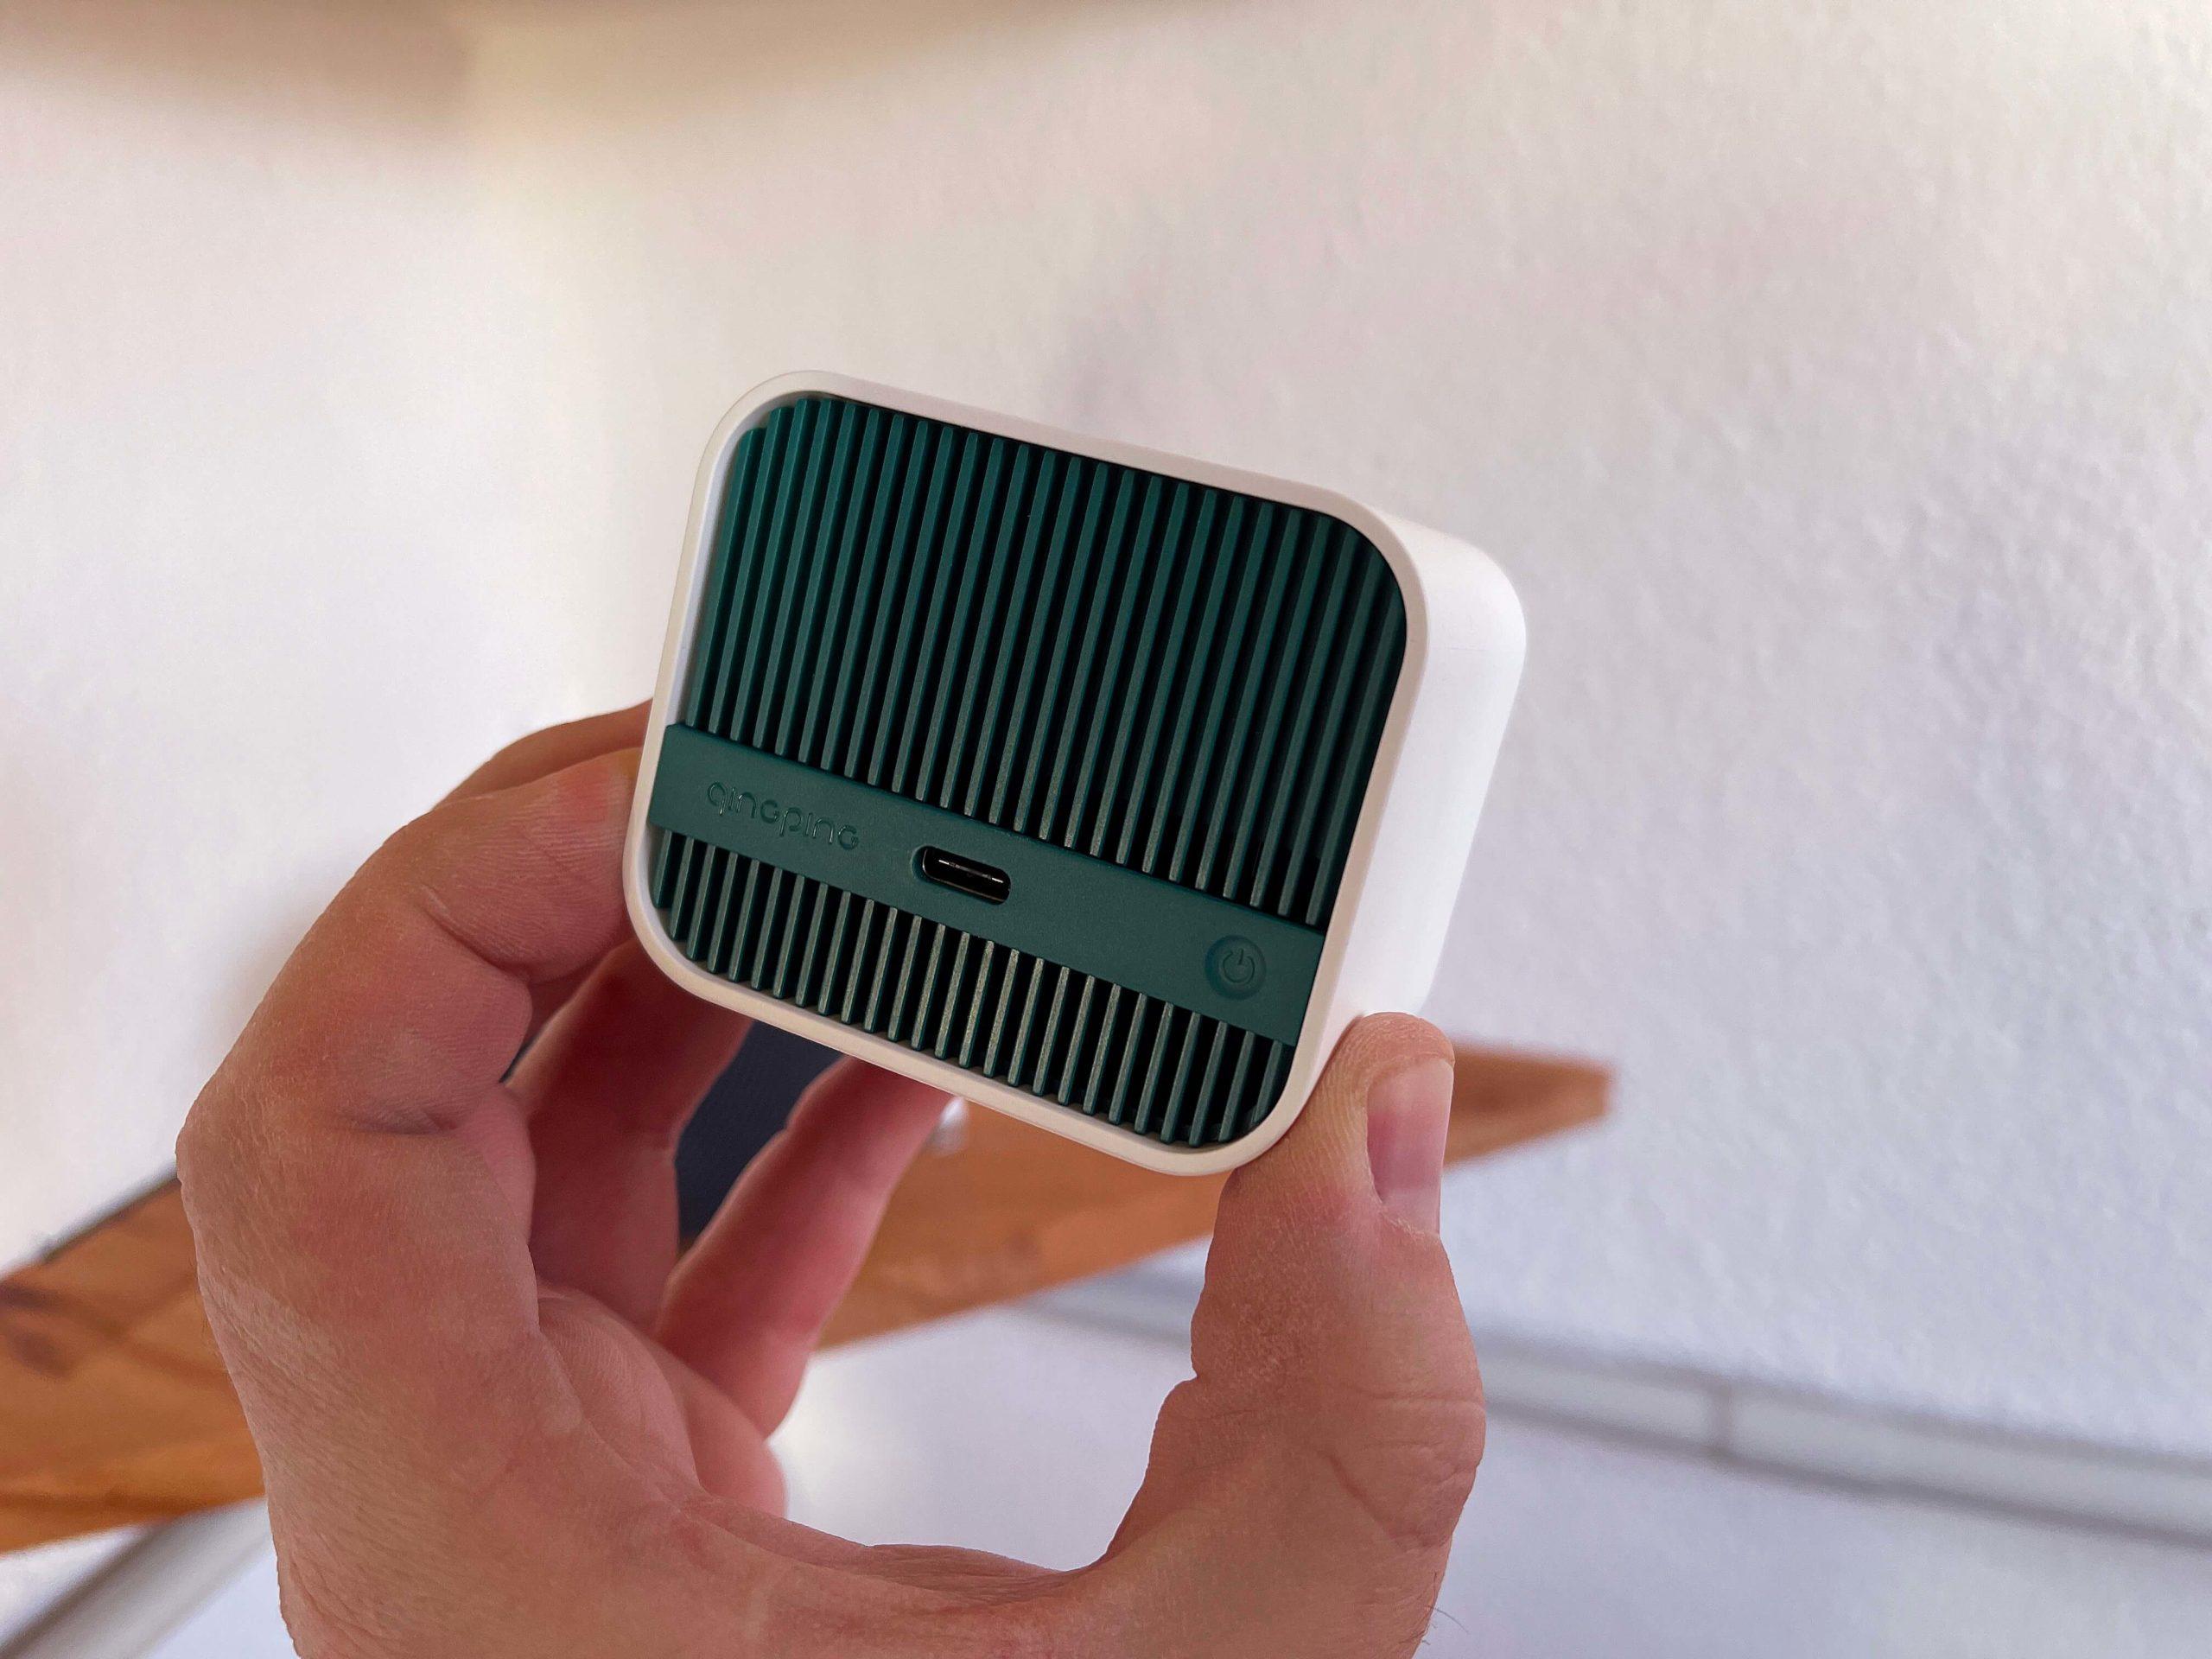 Luftdetektor-von-Cleargrass-das-Raumklima-via-Apple-HomeKit-im-Blick2-scaled Luftdetektor von Cleargrass - das Raumklima via Apple HomeKit im Blick